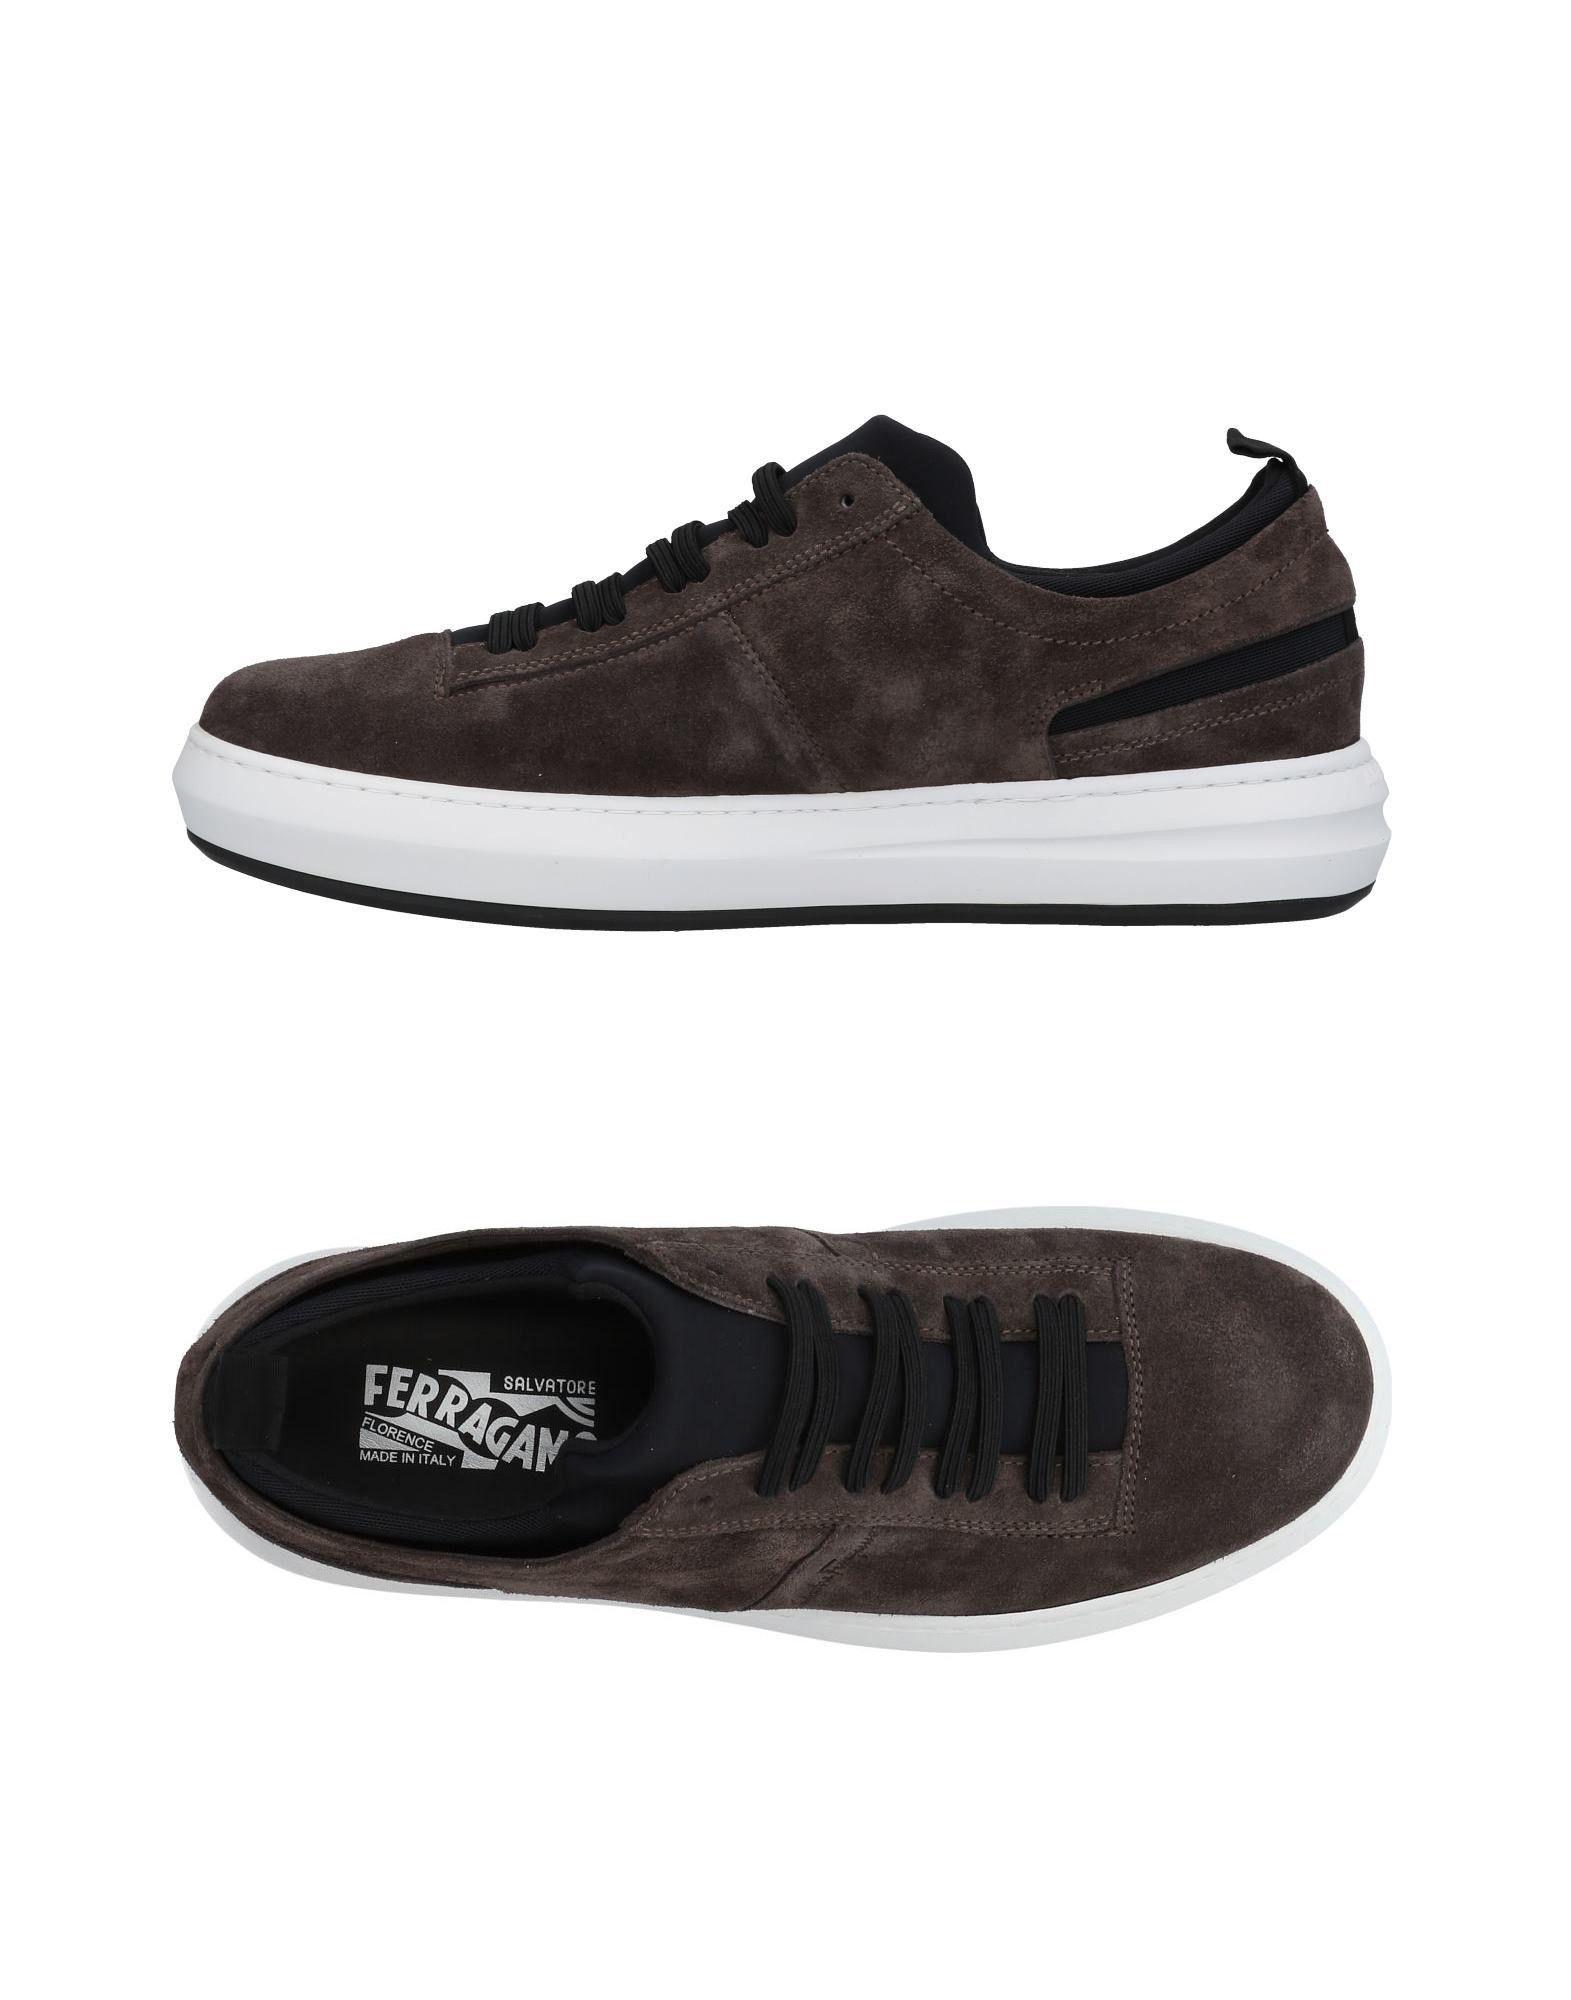 Salvatore Ferragamo Sneakers Herren  11461924JF Gute Qualität beliebte Schuhe